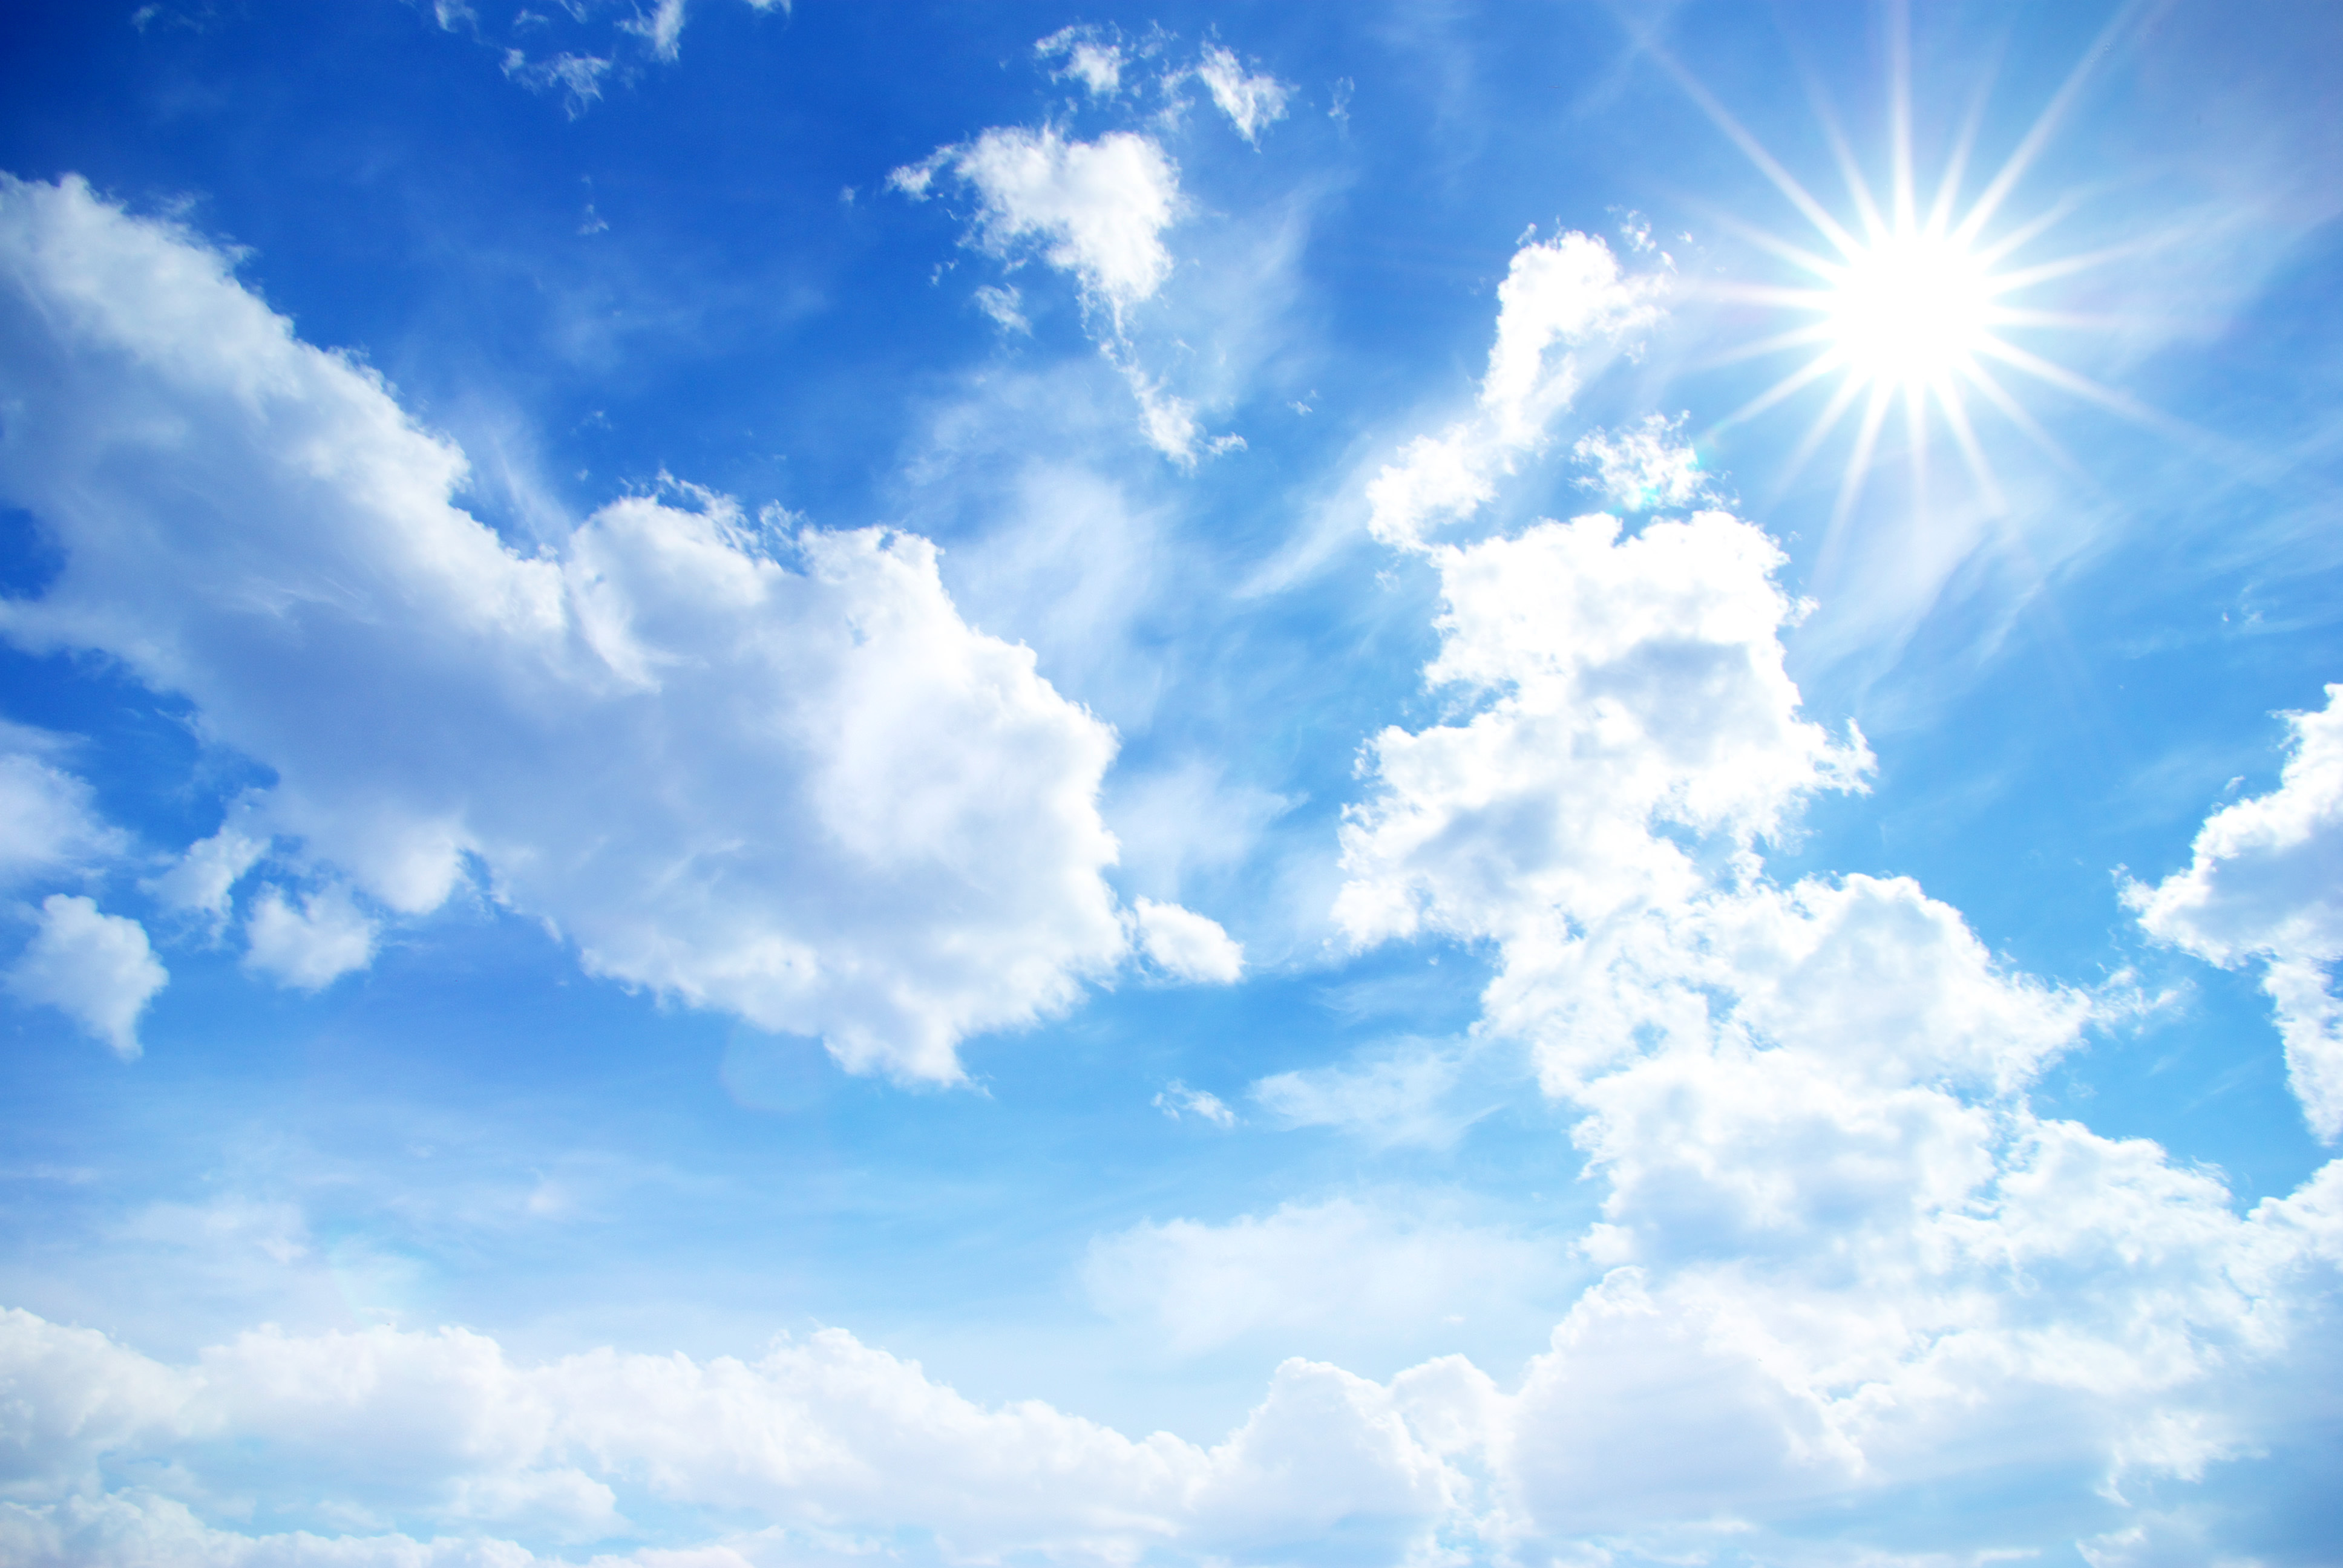 Hình ảnh mây trời nắng